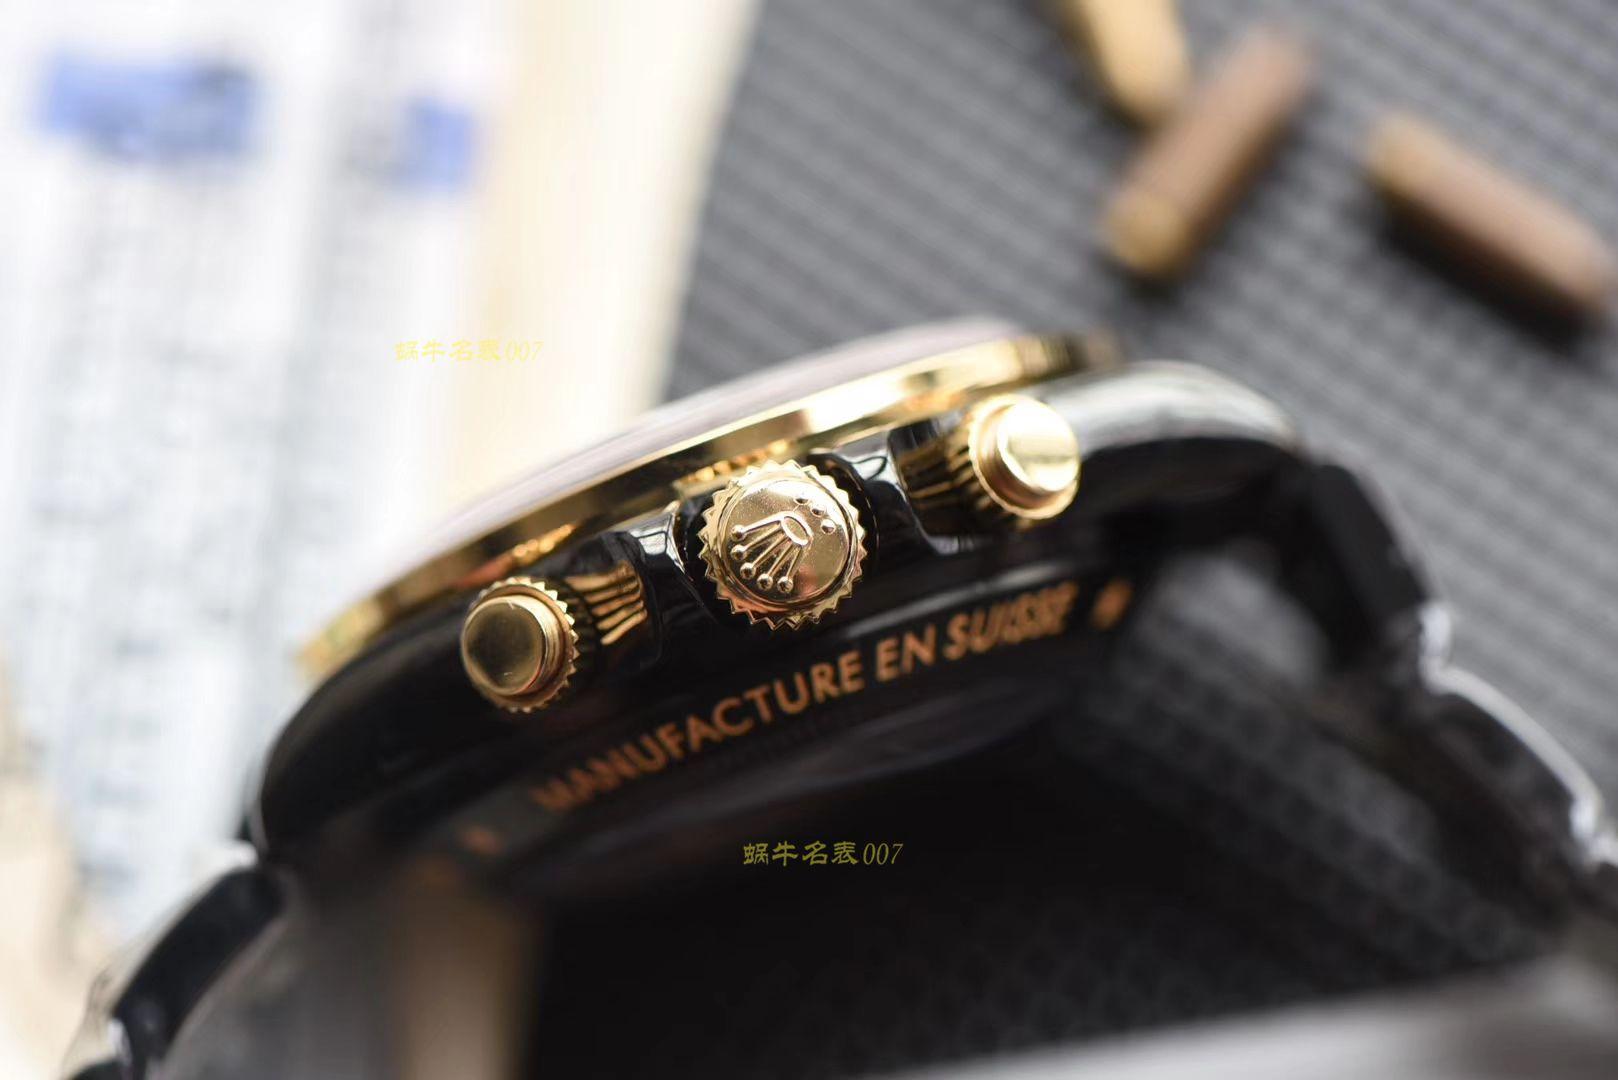 劳力士迪通拿全黑限量版 彩色按键,透底设计‼️极其特别